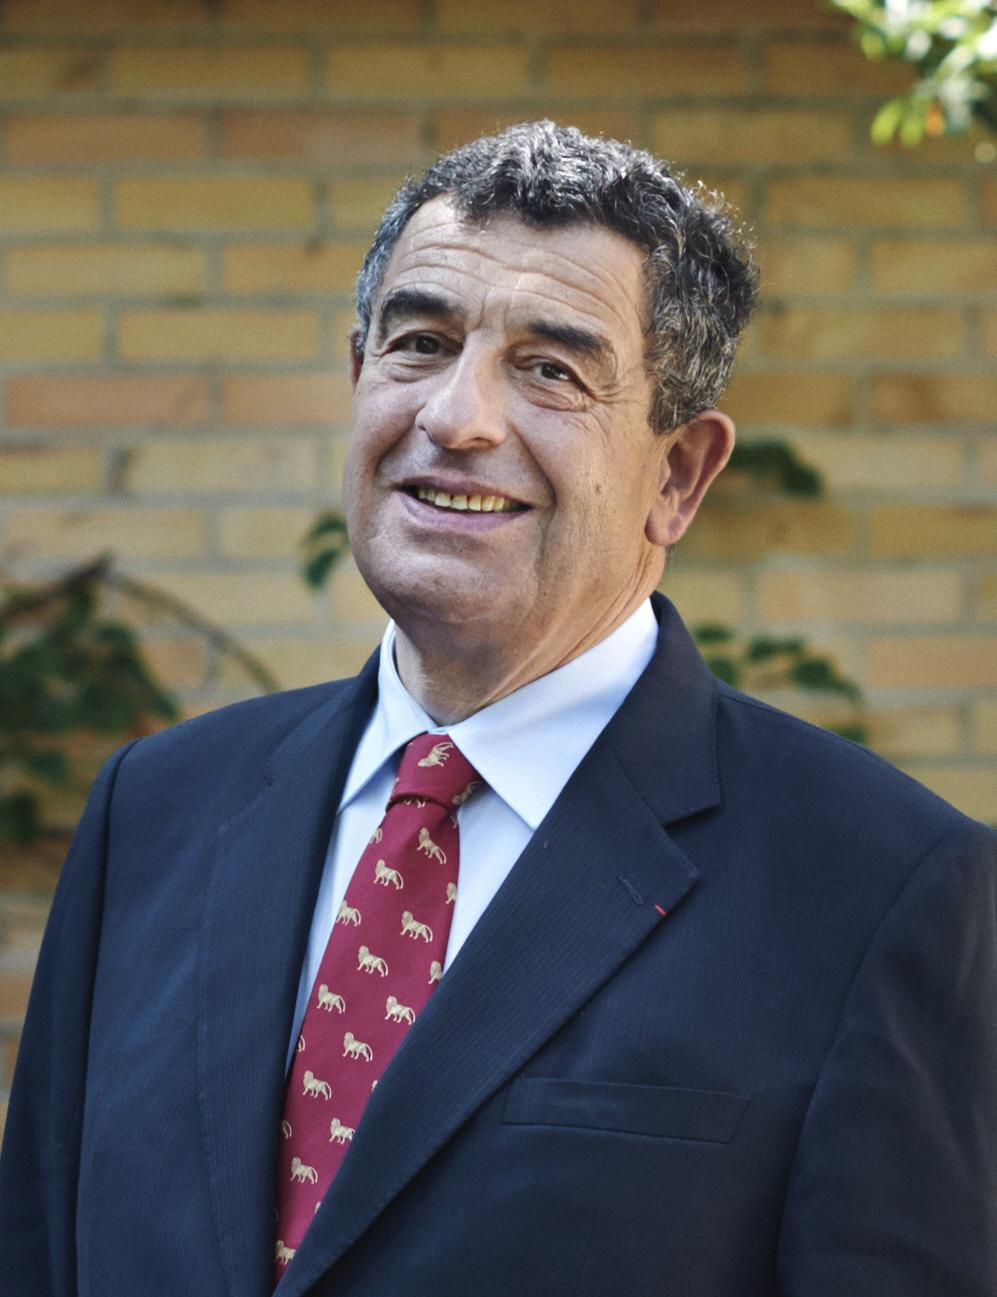 Pr Thierry Philip, président du Conseil d'Administration de l'Institut Curie depuis 2013. Le Pr Thierry Philip est médecin cancérologue et professeur des universités en oncologie médicale.